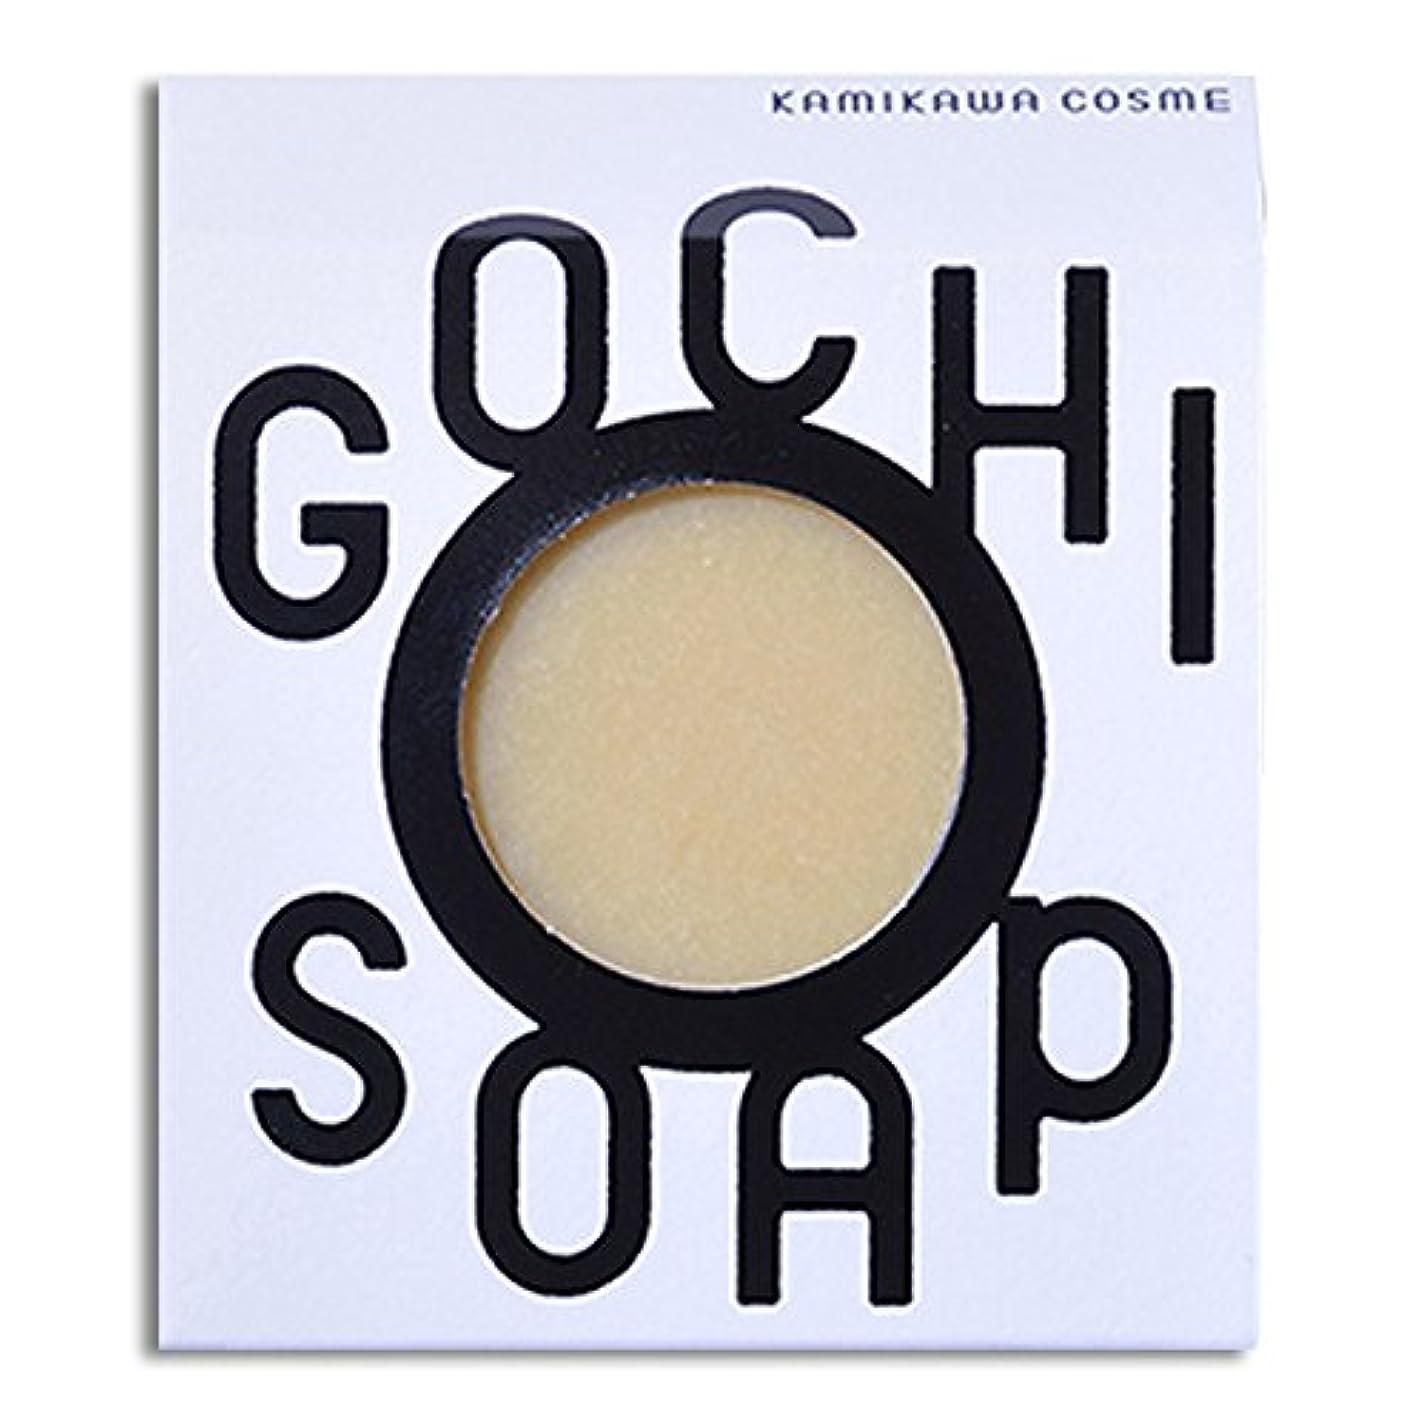 比類のないトイレクローゼット道北の素材を使用したコスメブランド GOCHI SOAP(山路養蜂園の蜂蜜ソープ?ふじくらますも果樹園のりんごソープ)各1個セット